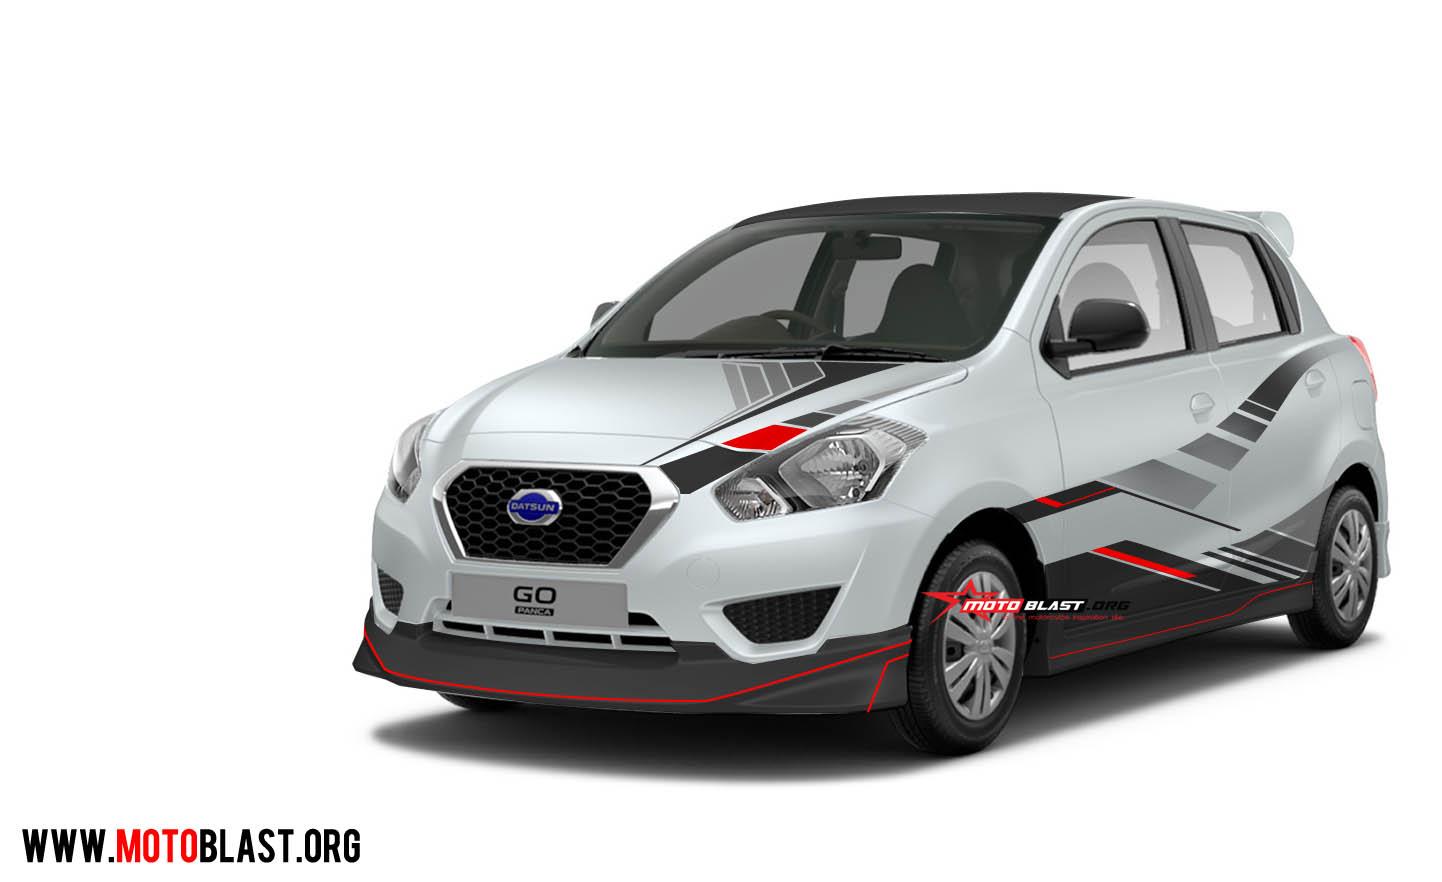 Modifikasi Striping Mobil Datsun GO+ Panca berbagai ...